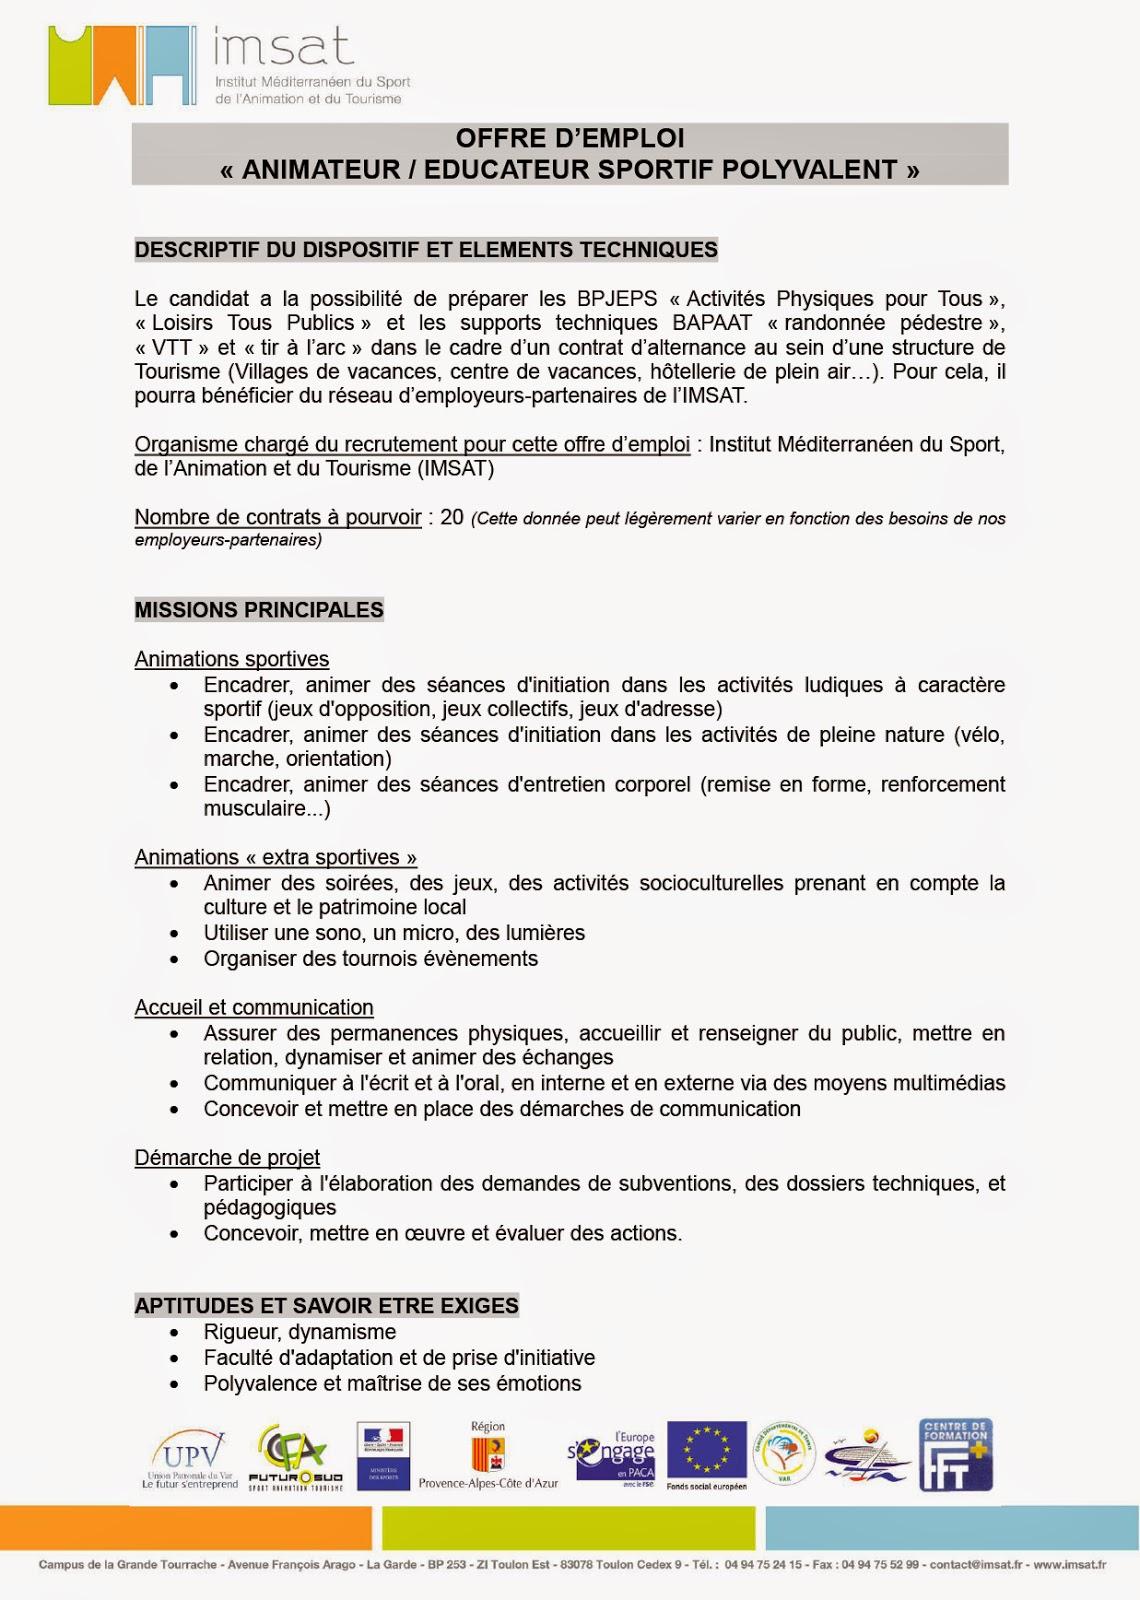 Mission Locale de la Seyne sur Mer: Offre d'emploi - IMSAT ...